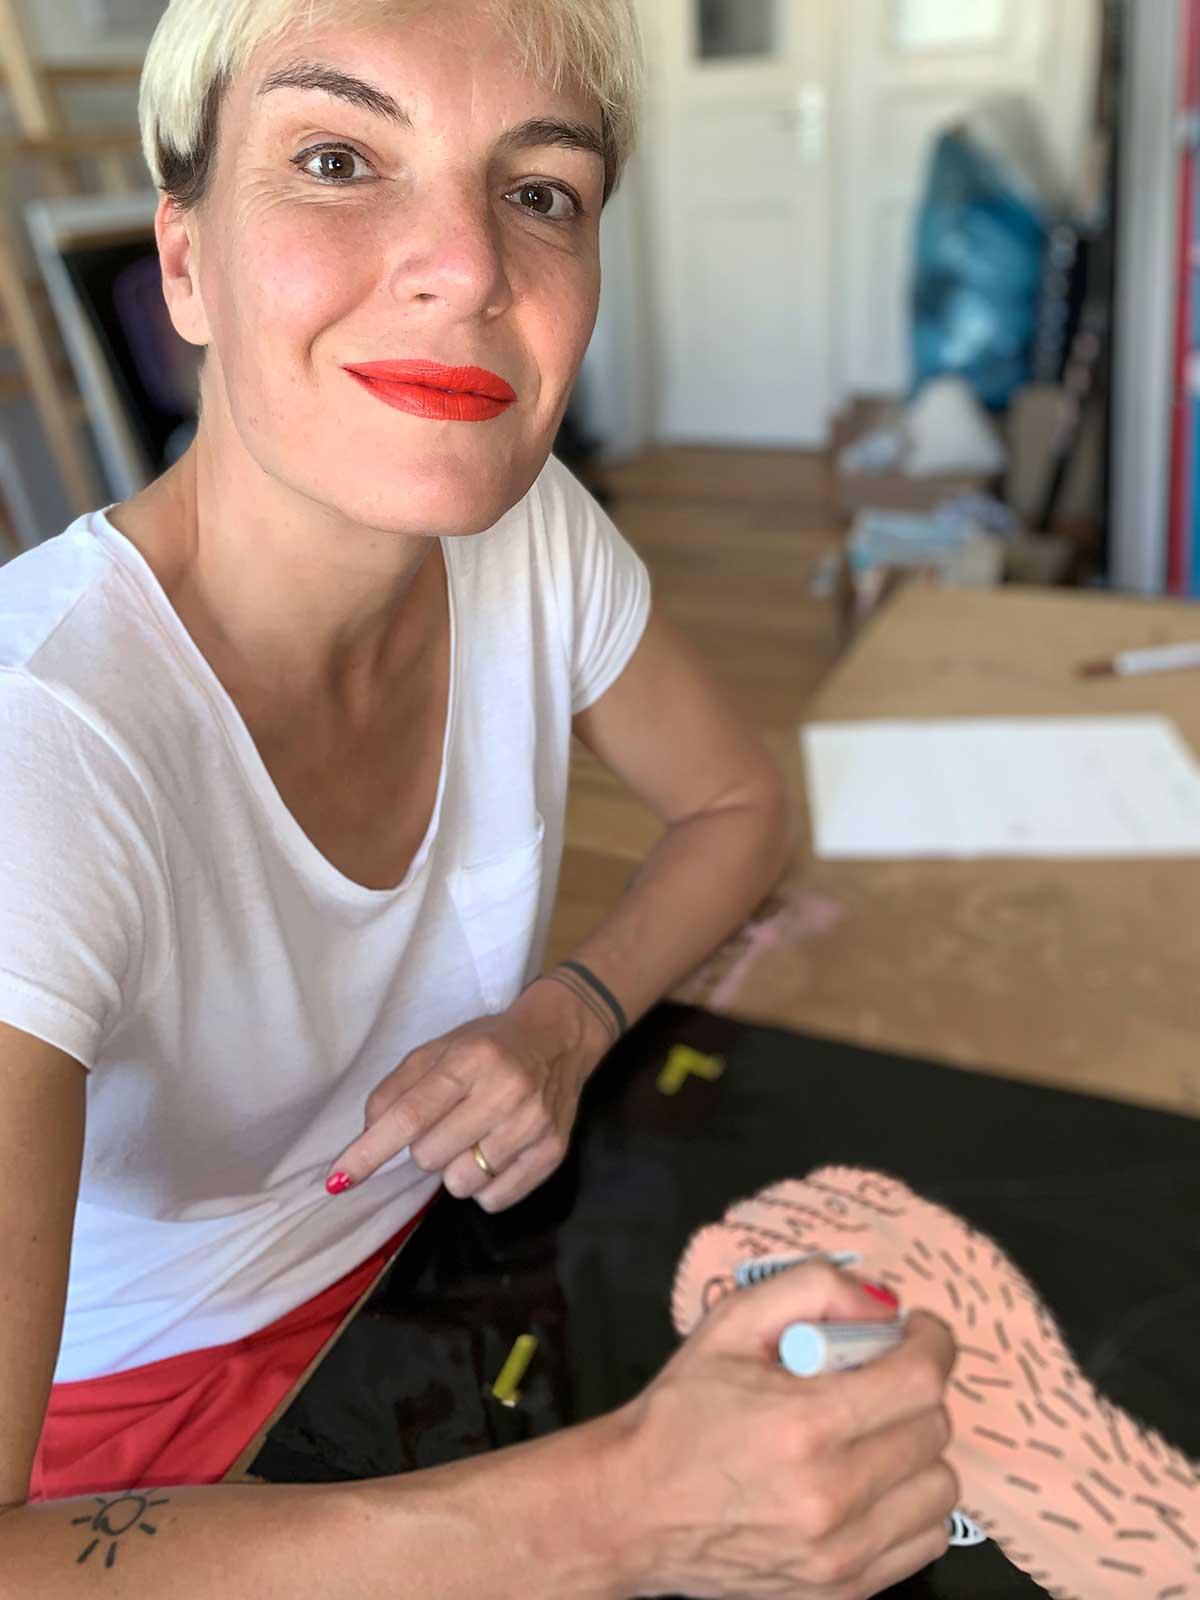 contemporary art, artist, munchies club, online platform, murals